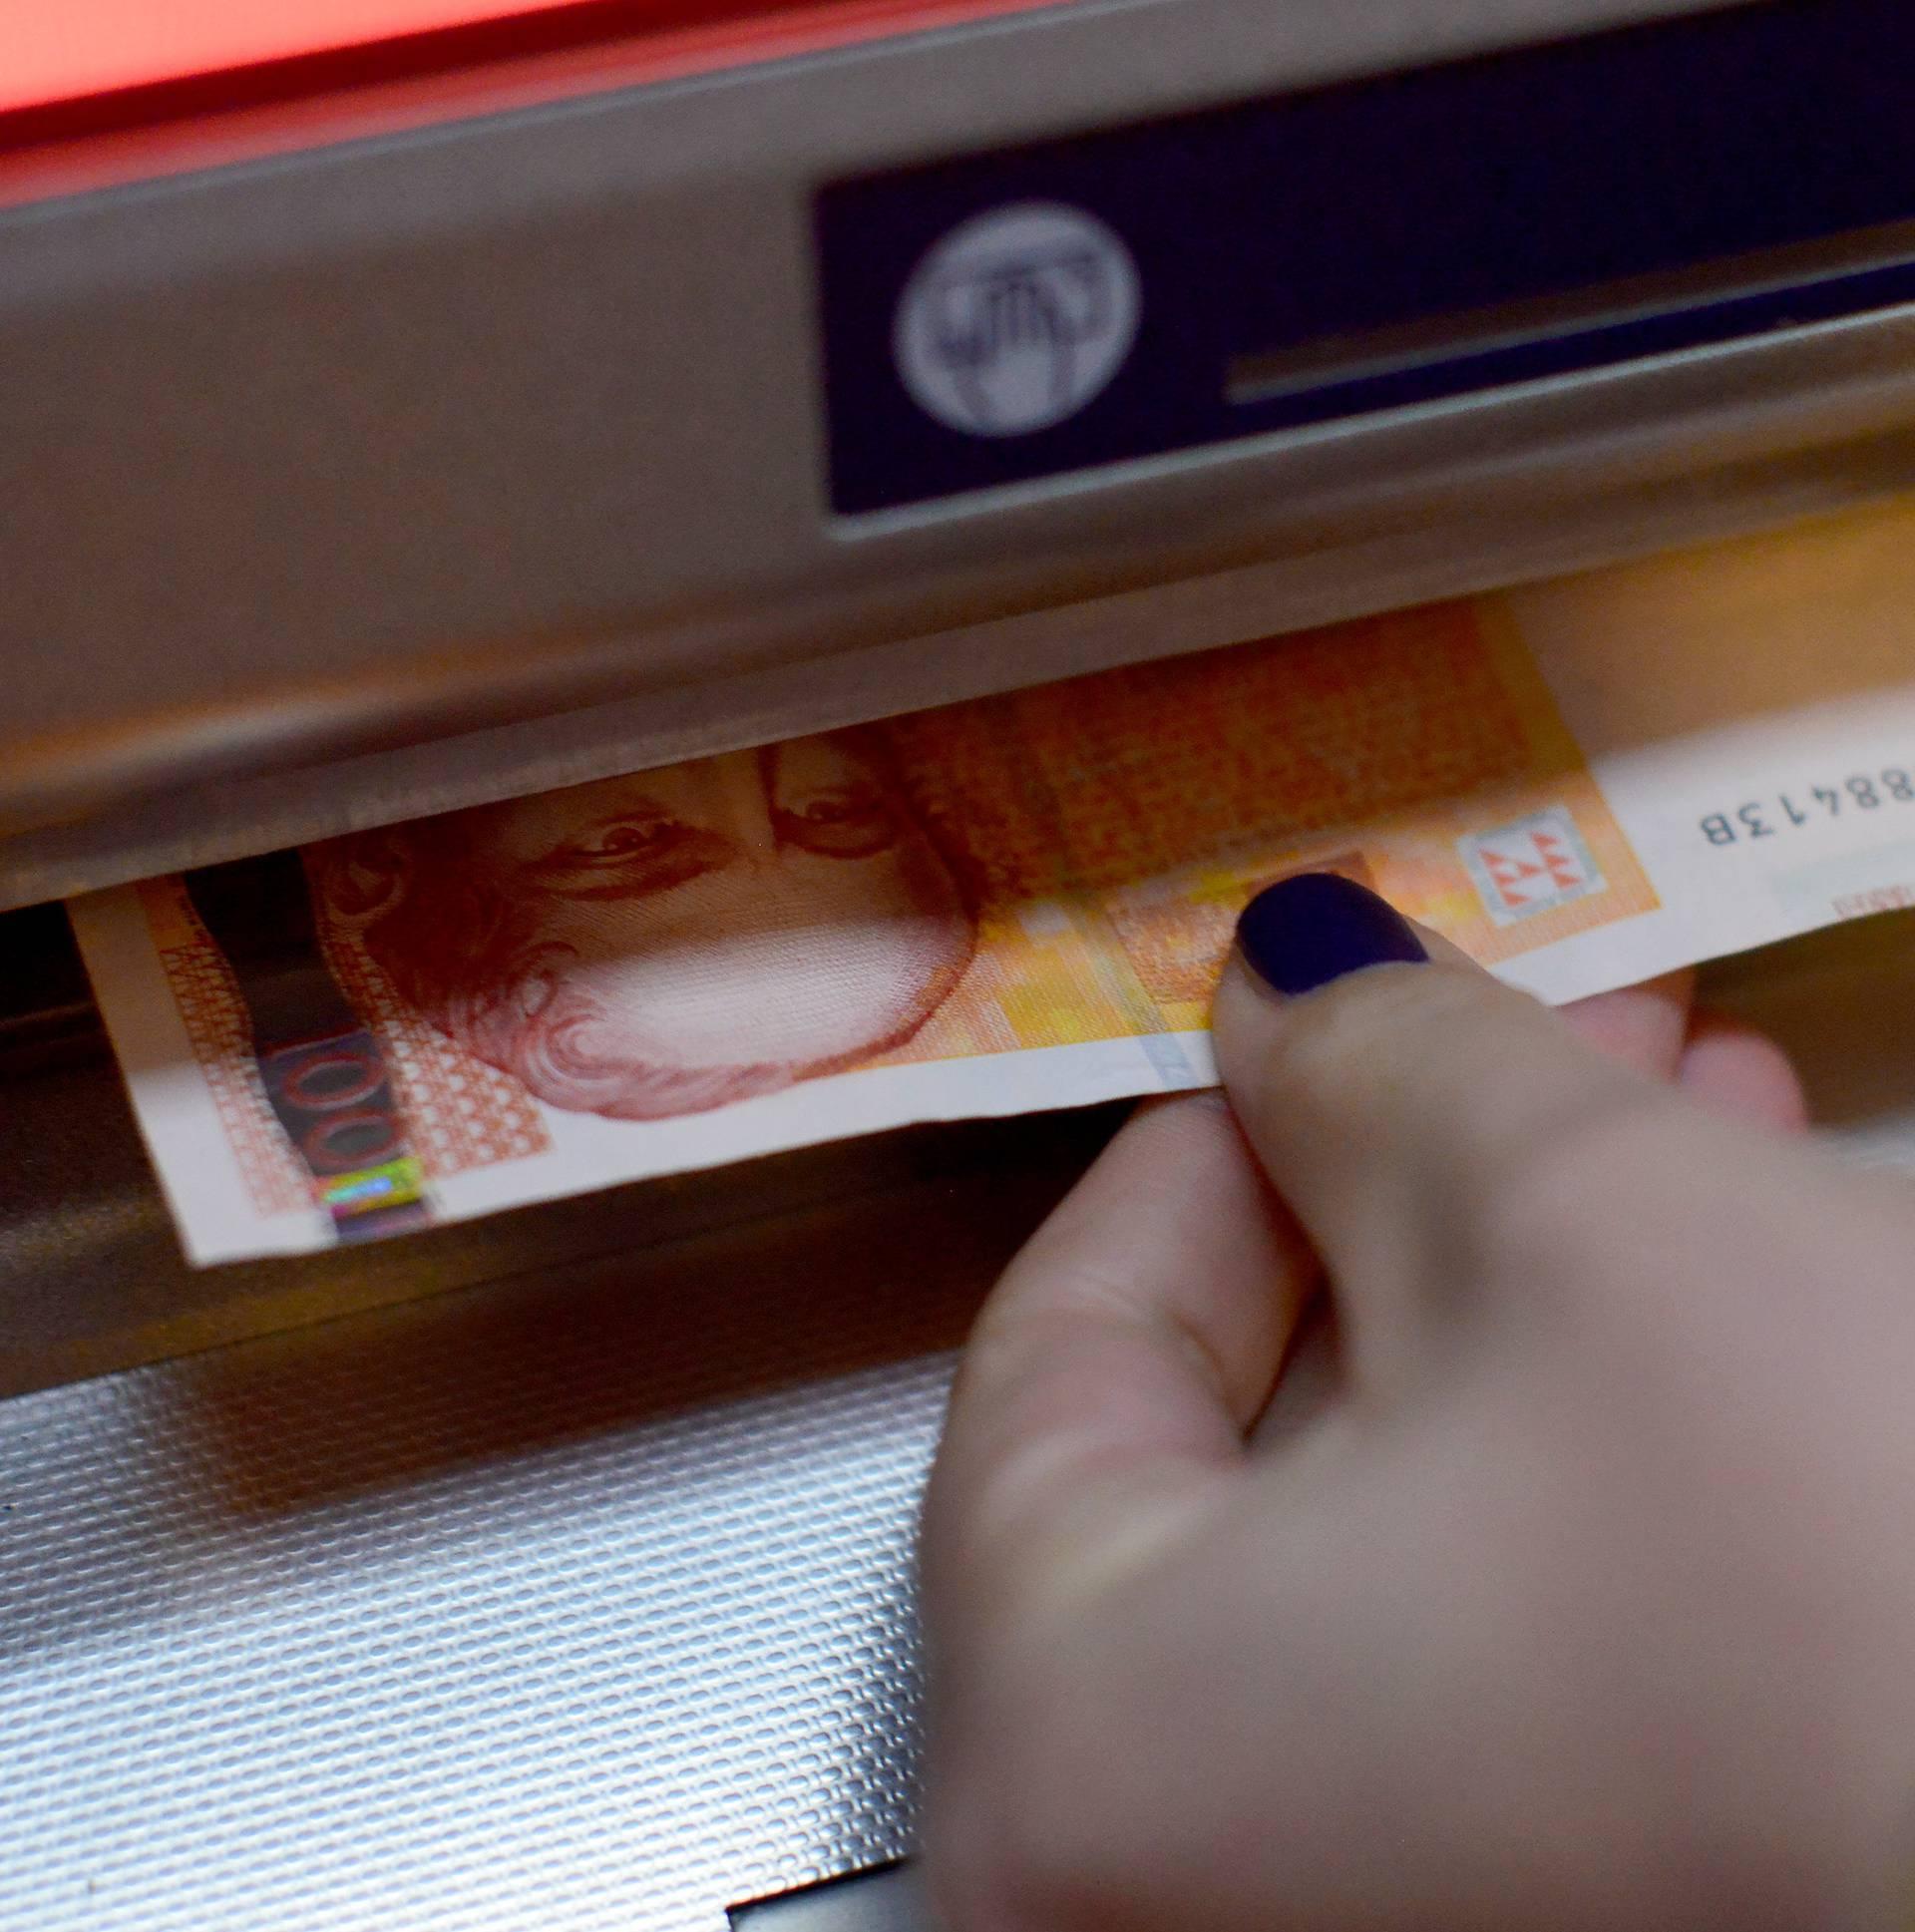 Zaba i OTP banka naplaćuju podizanje novca na šalteru